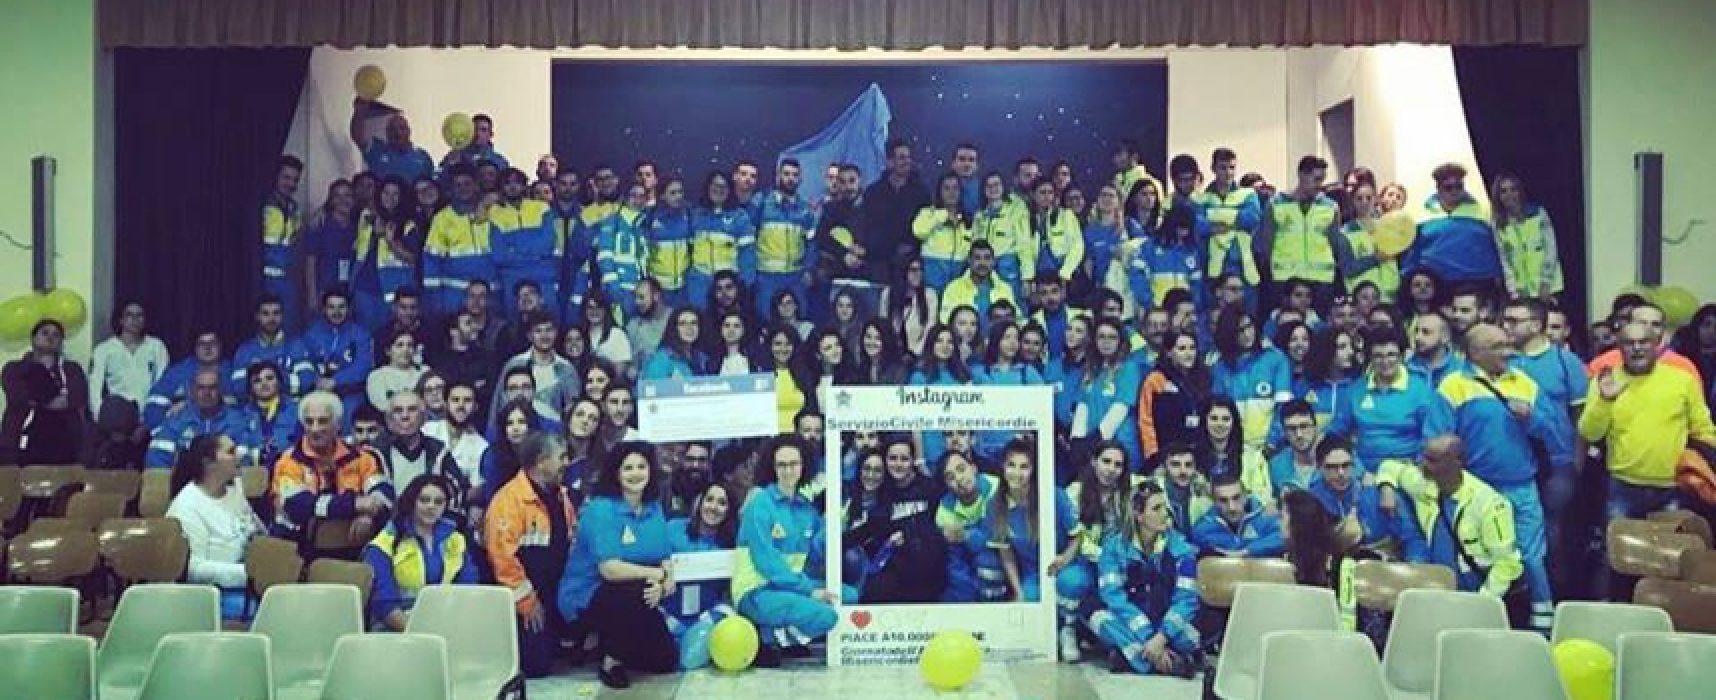 La Misericordia di Andria seleziona 24 volontari per il Servizio Civile Nazionale